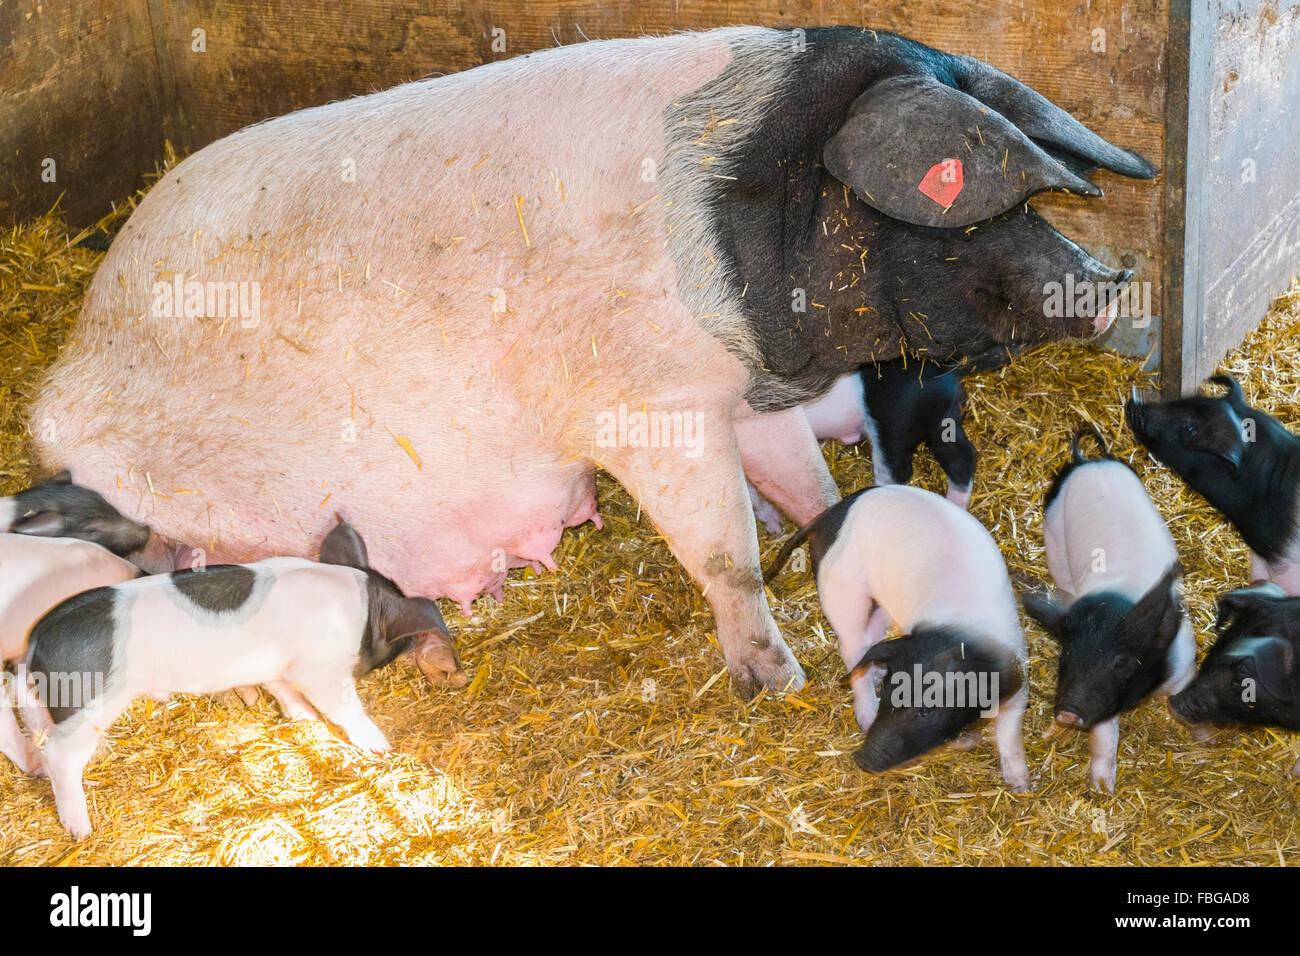 swabian hall sow and piglets, open-air museum, wackershofen, schwäbisch hall, baden-wuerttemberg, germany - Stock Image